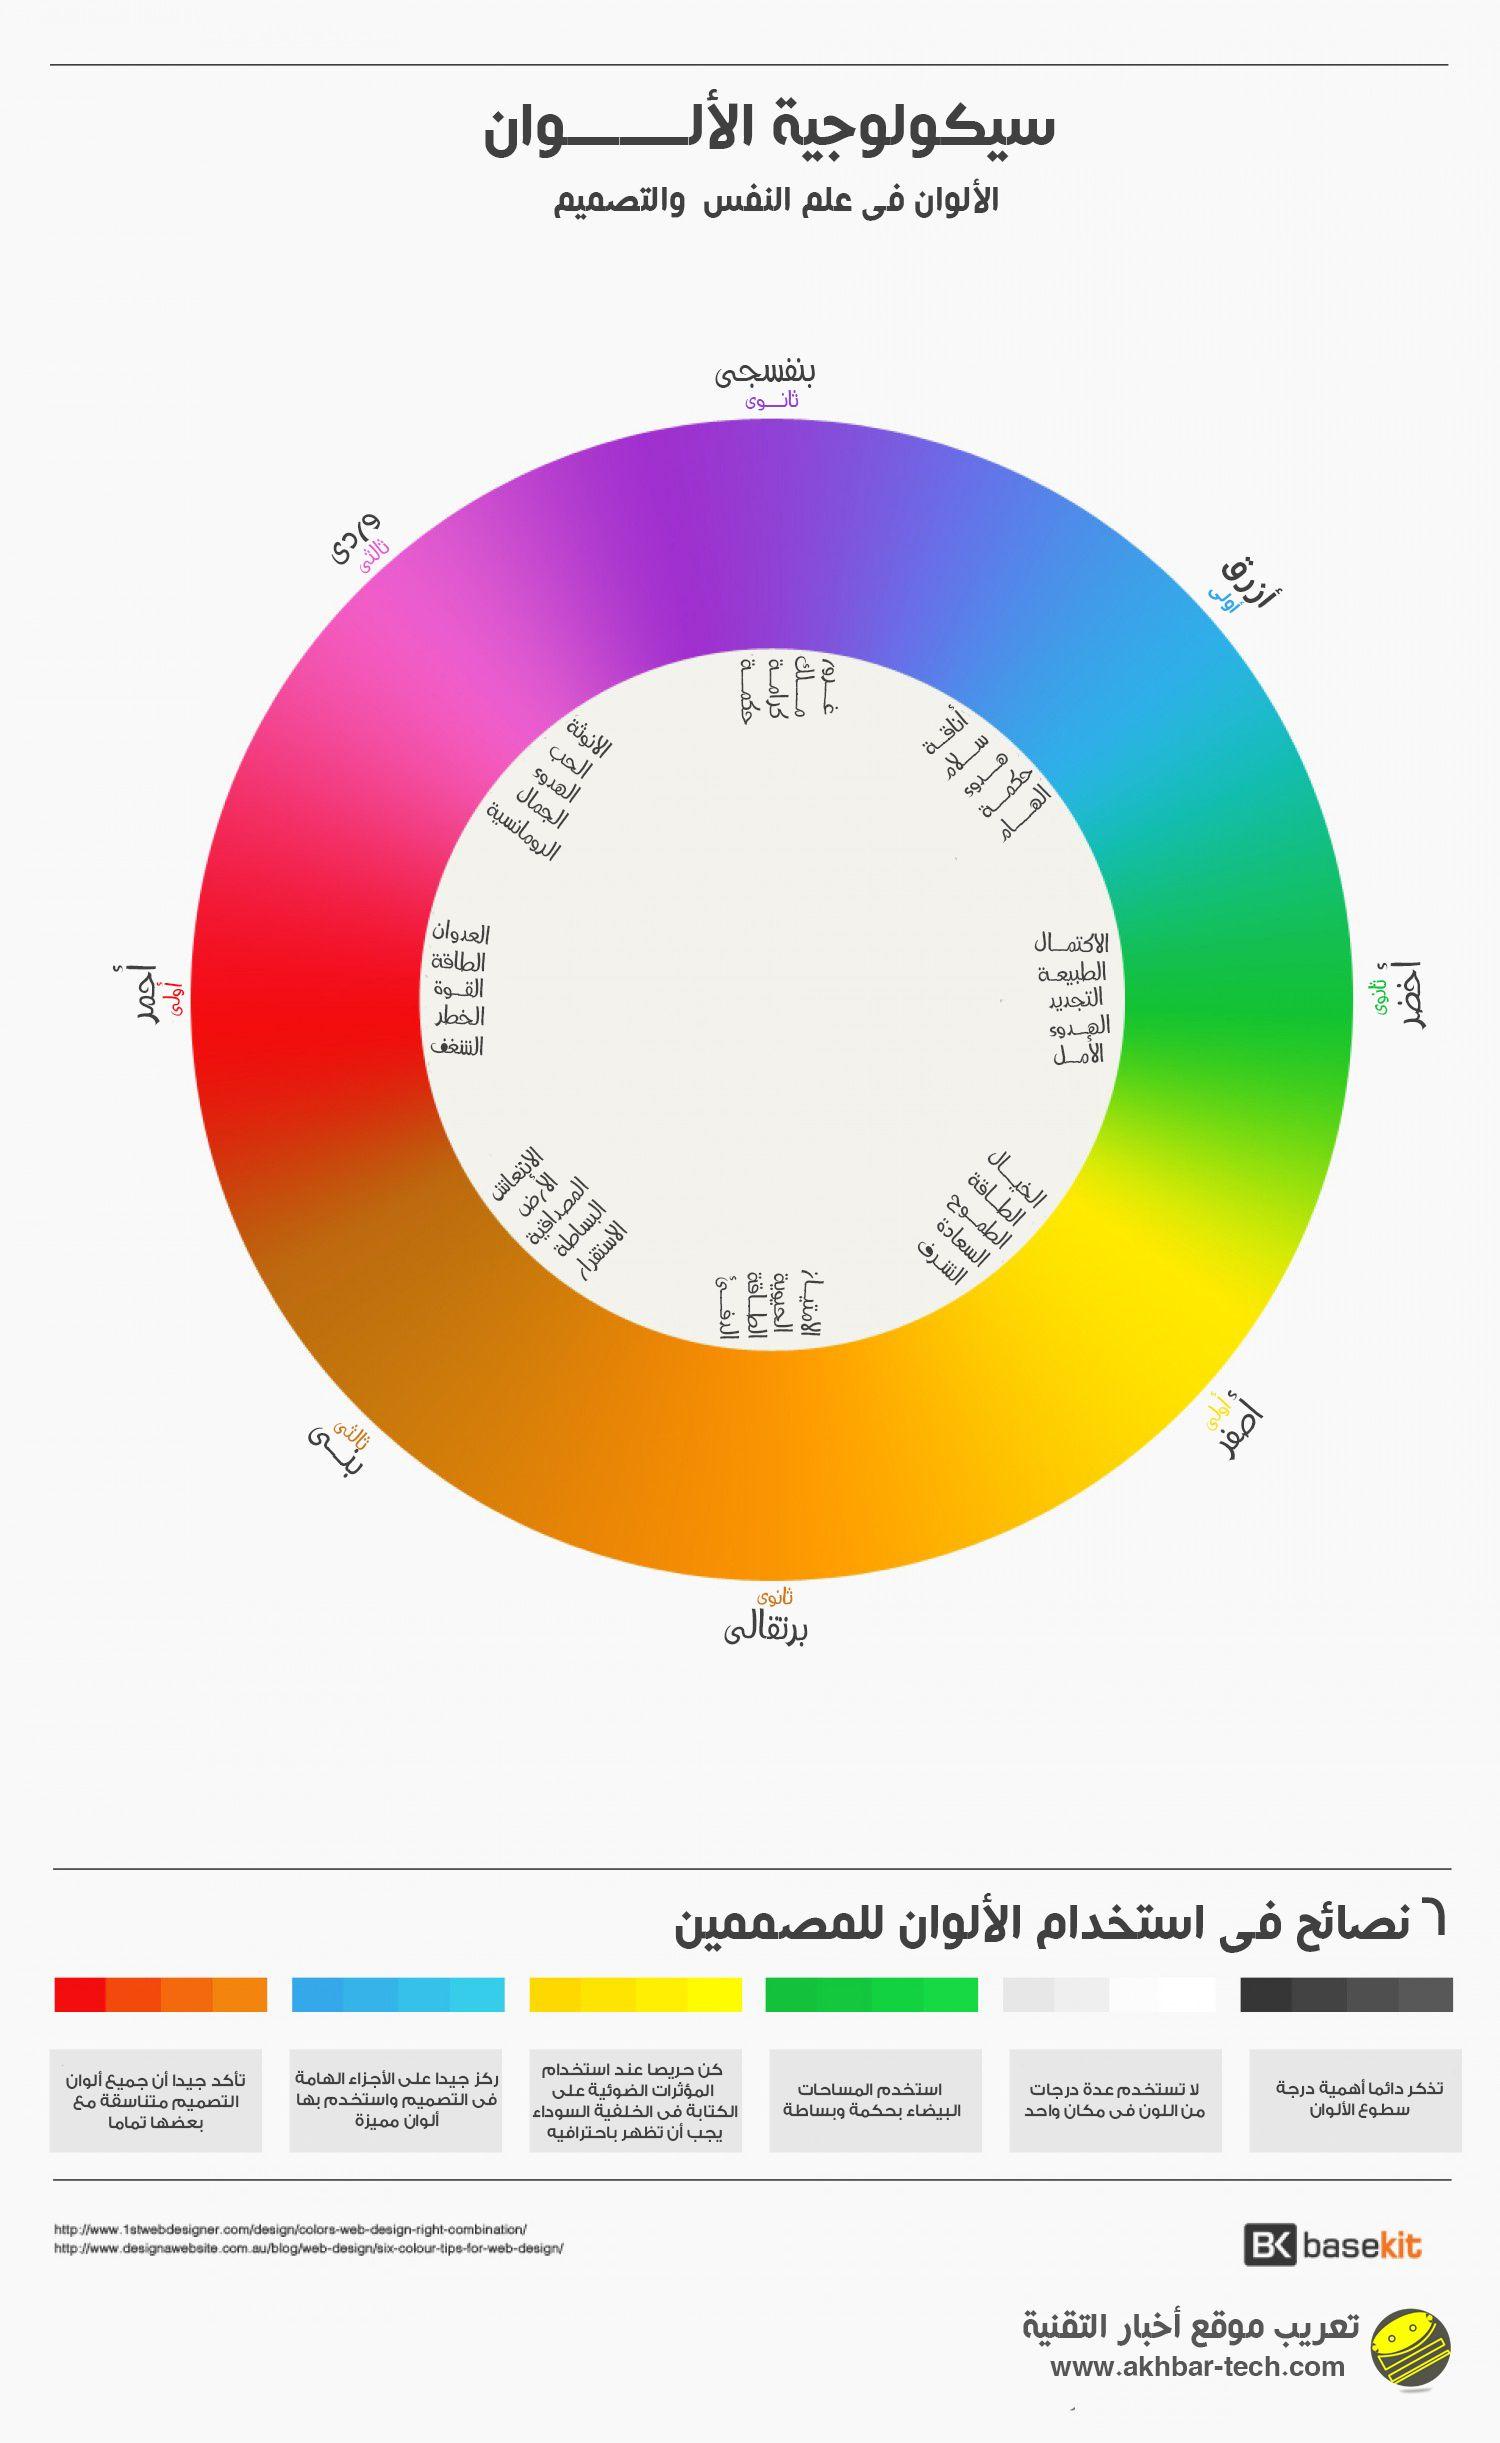 سيكولوجية الألوان فى علم النفس والتصميم التفاصيل الكاملة Http Www Akhbar Tech Com 6545 The Psychology Of Colors In Color Psychology Psychology Infographic